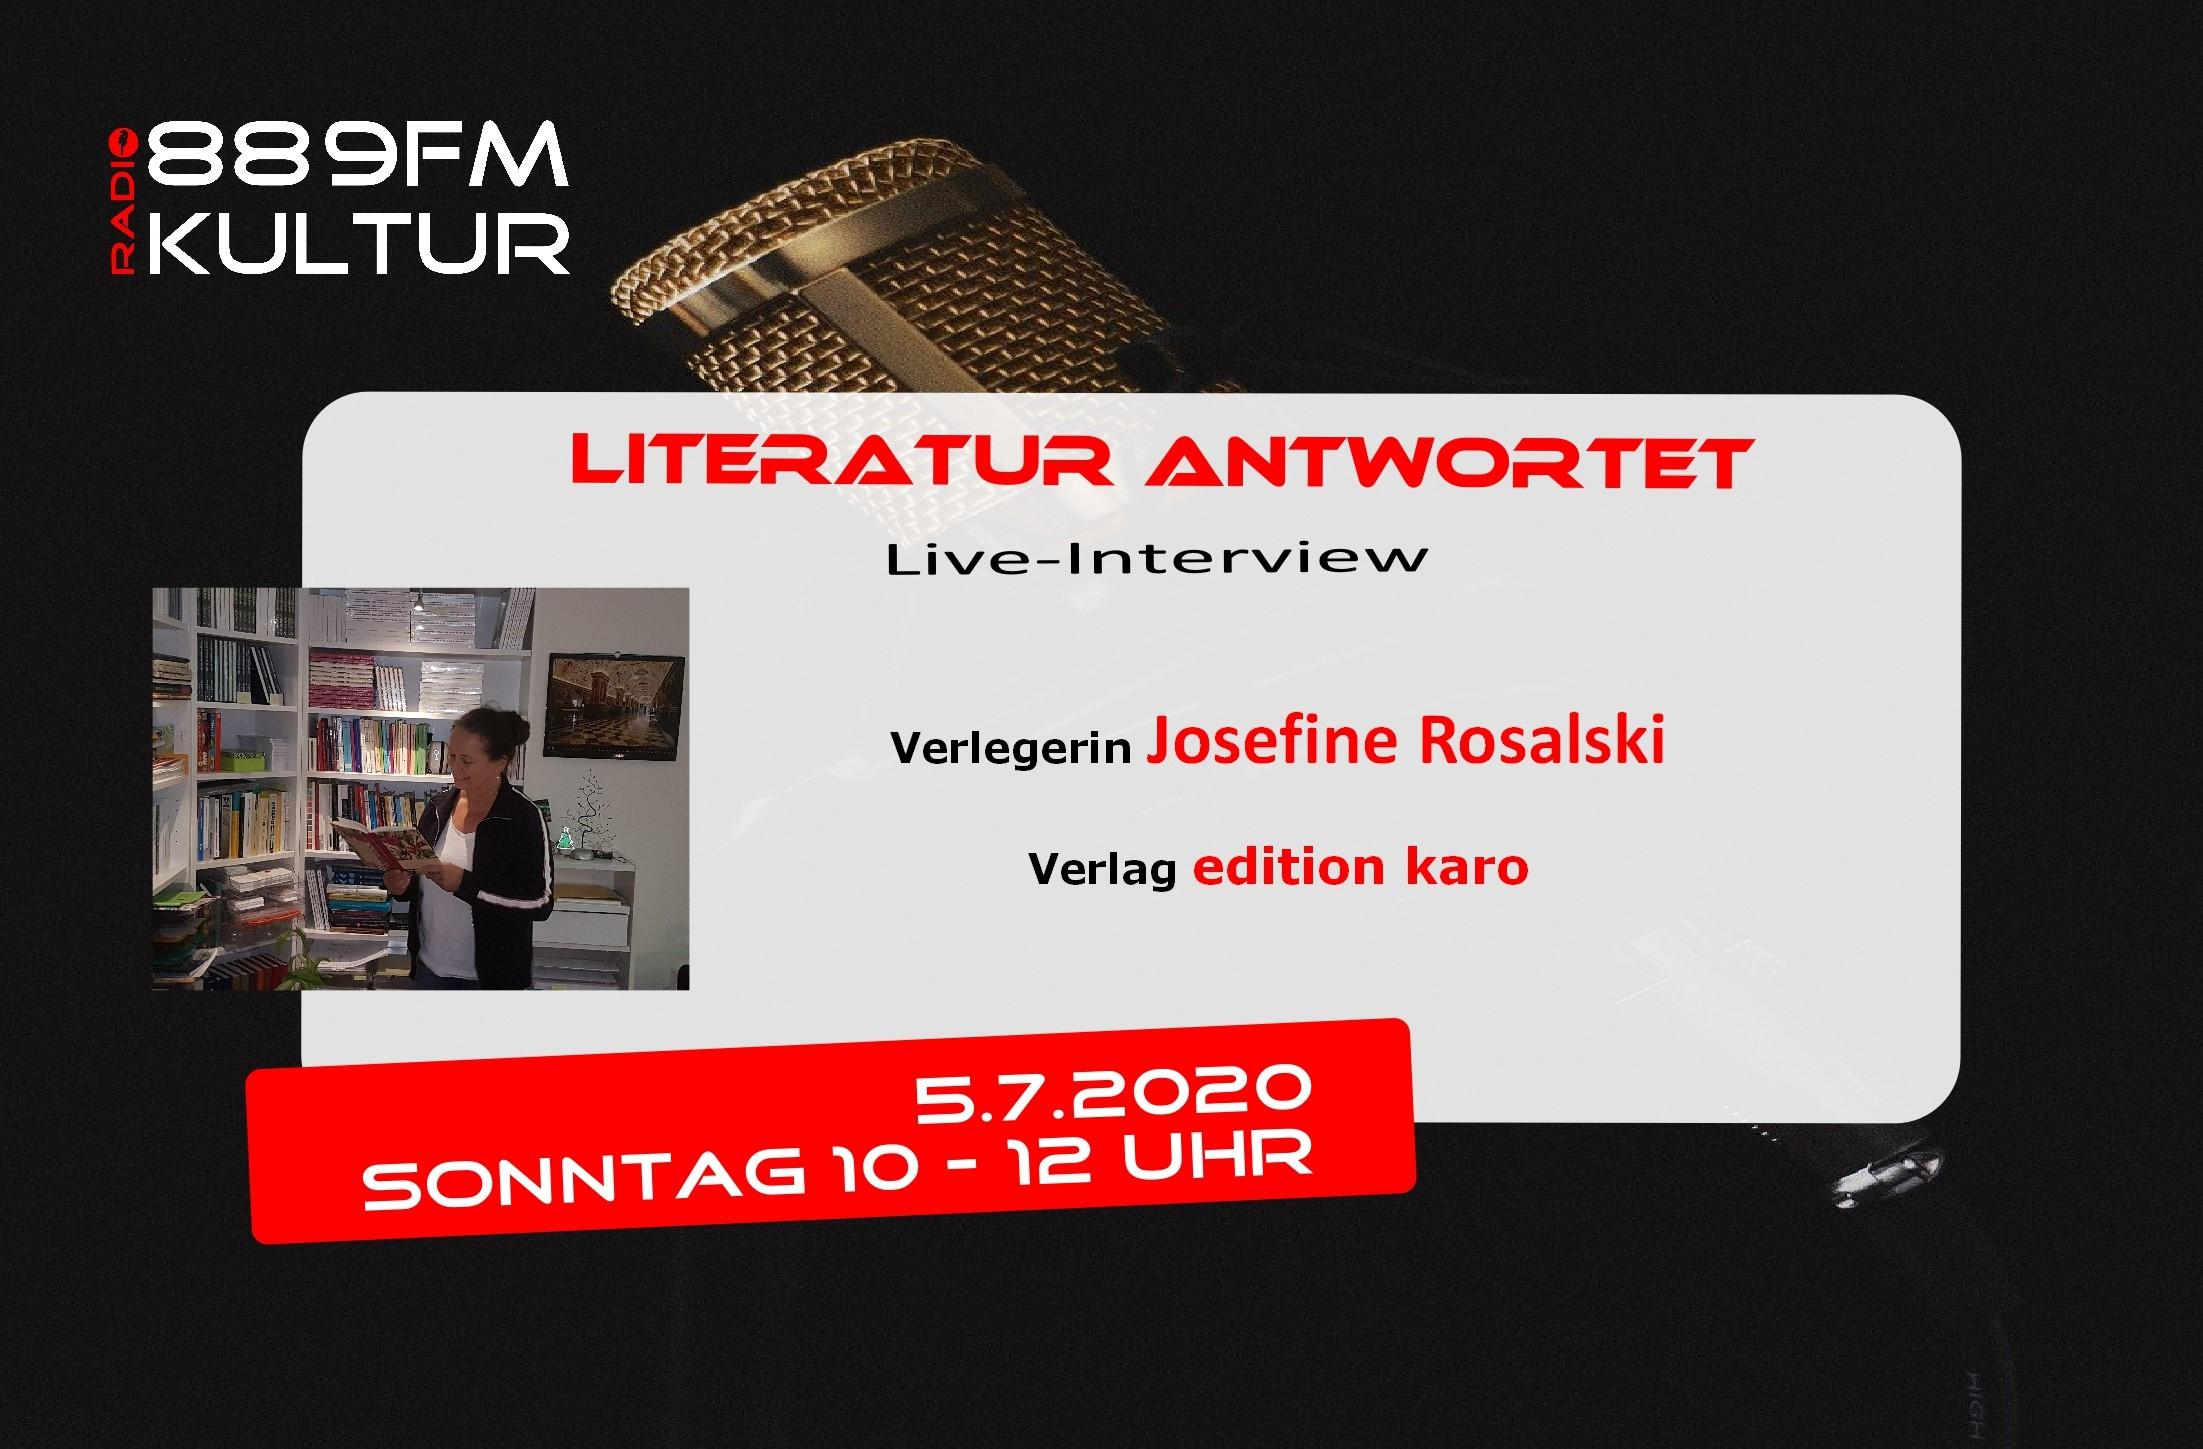 Literatur antwortet Josefine Rosalski